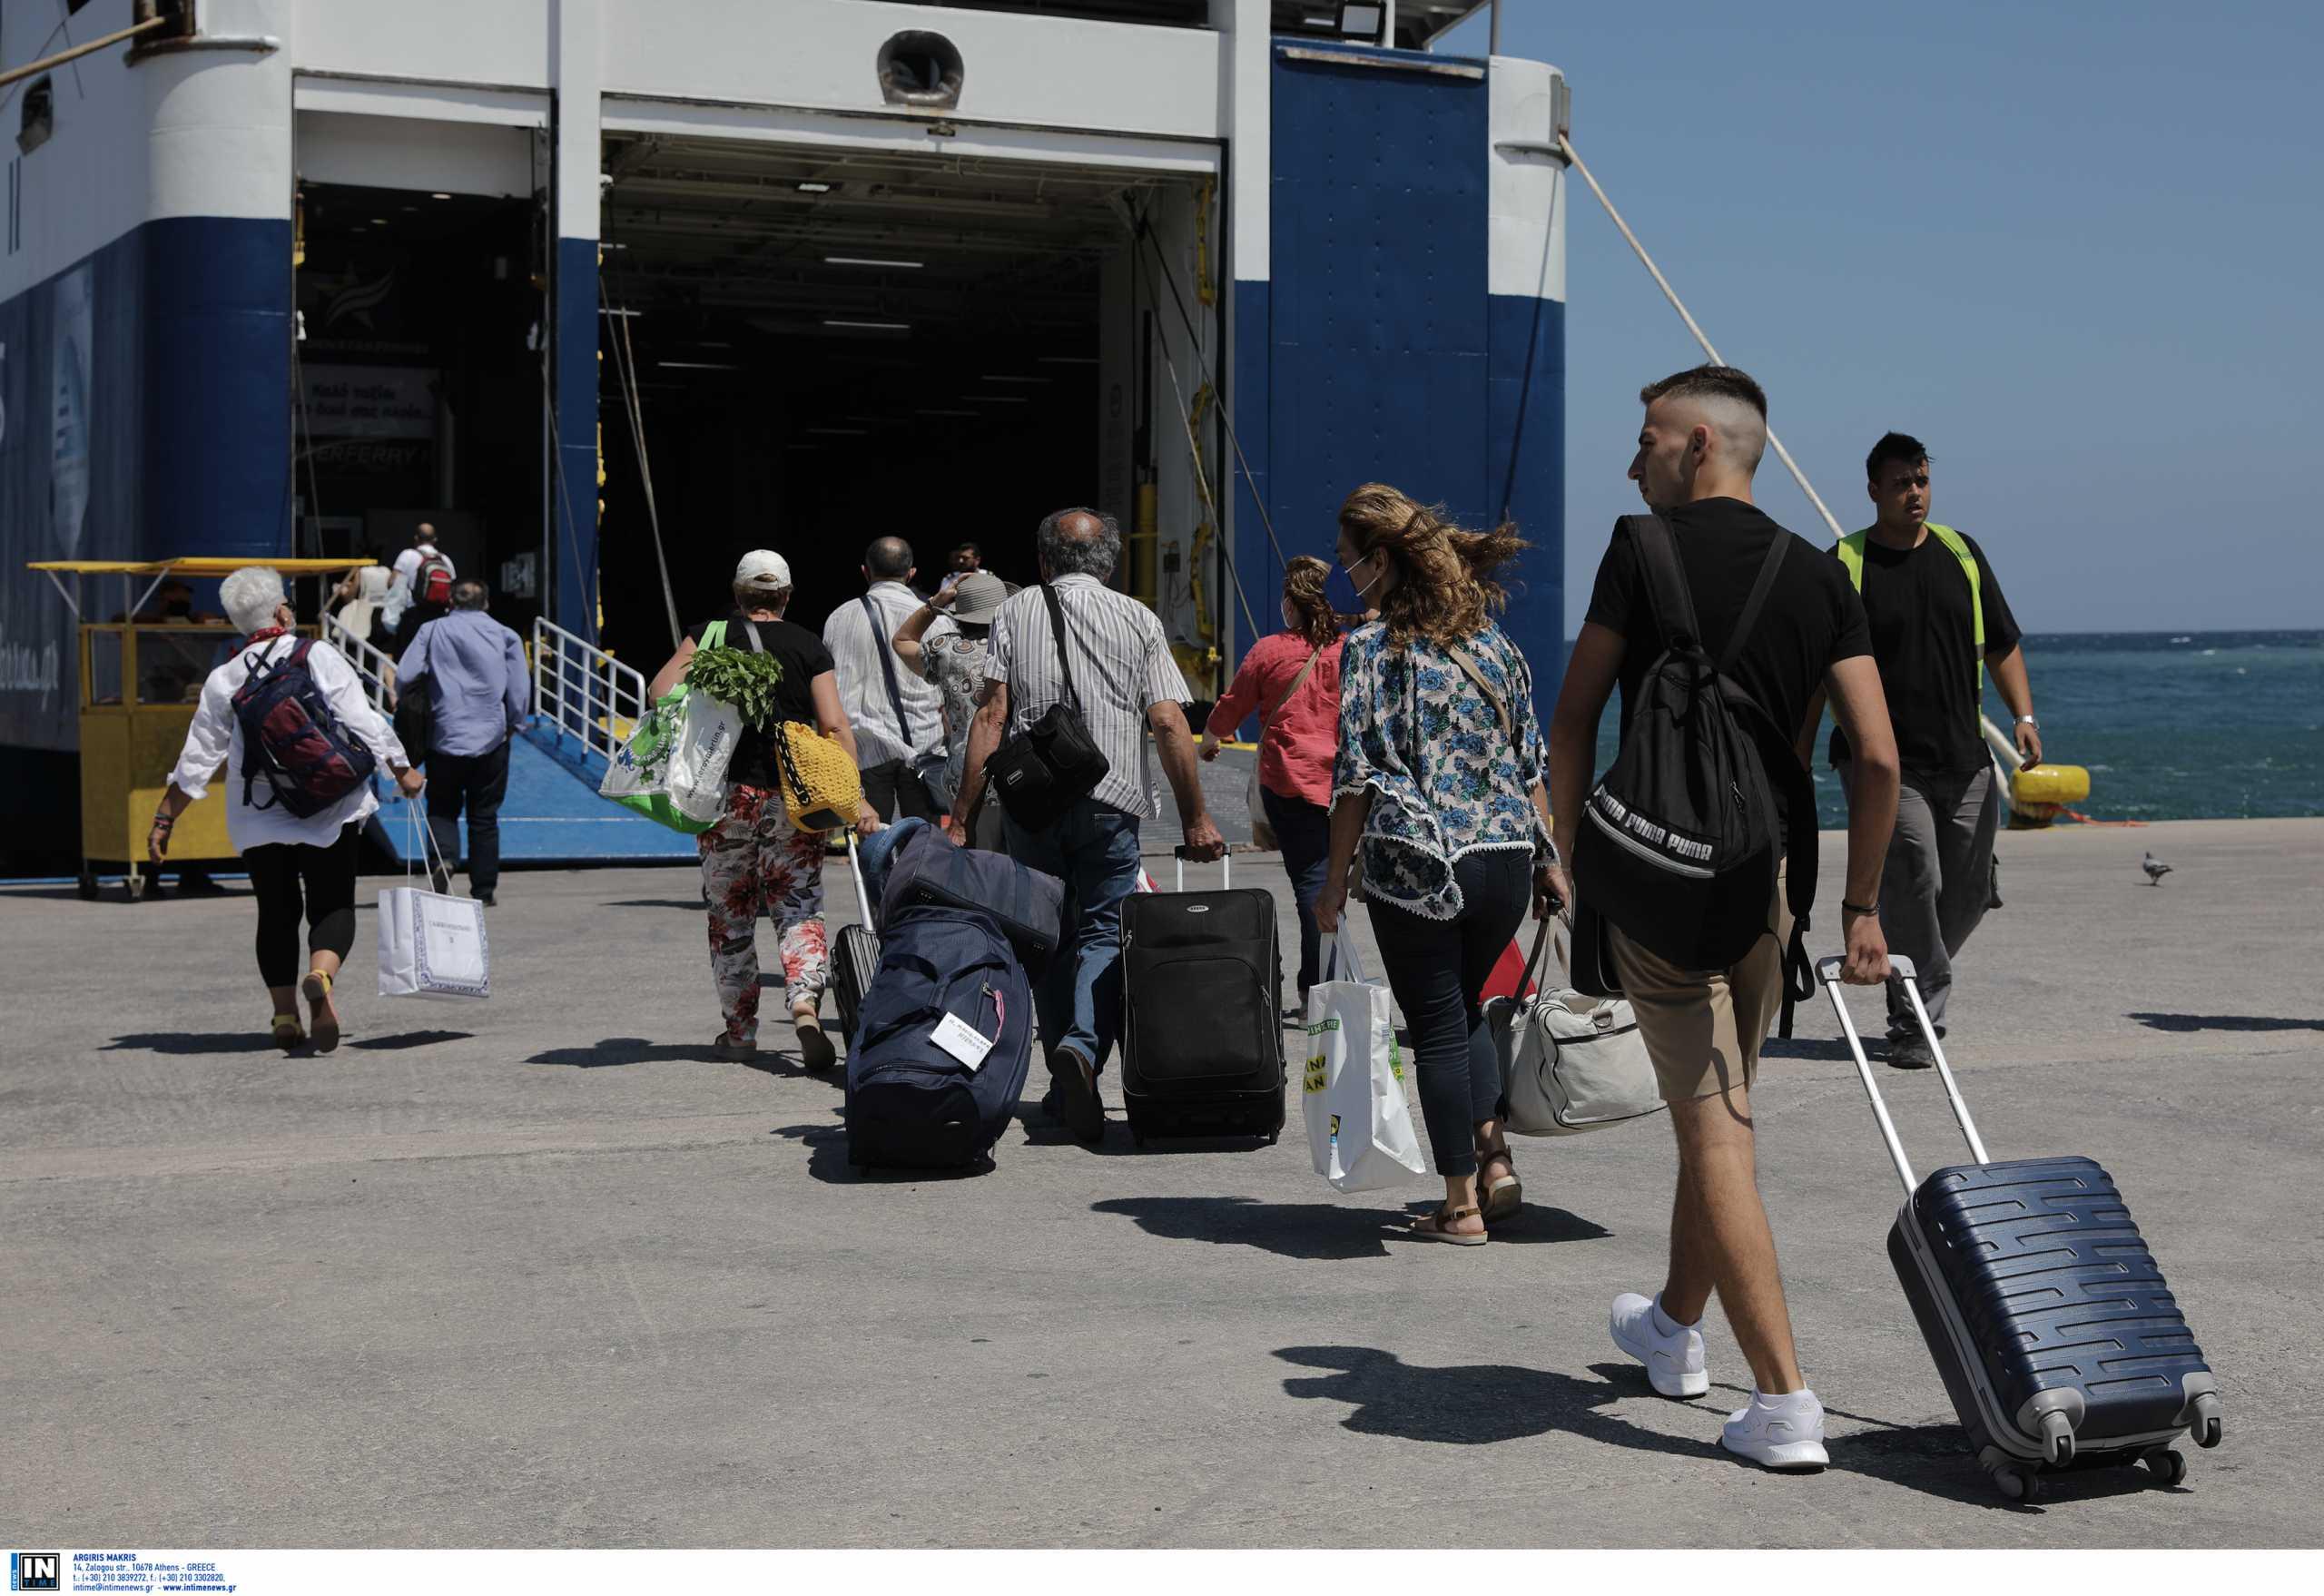 Ουρές 100 μέτρων στα πλοία του Πειραιά – Πώς γίνονται τα ταξίδια